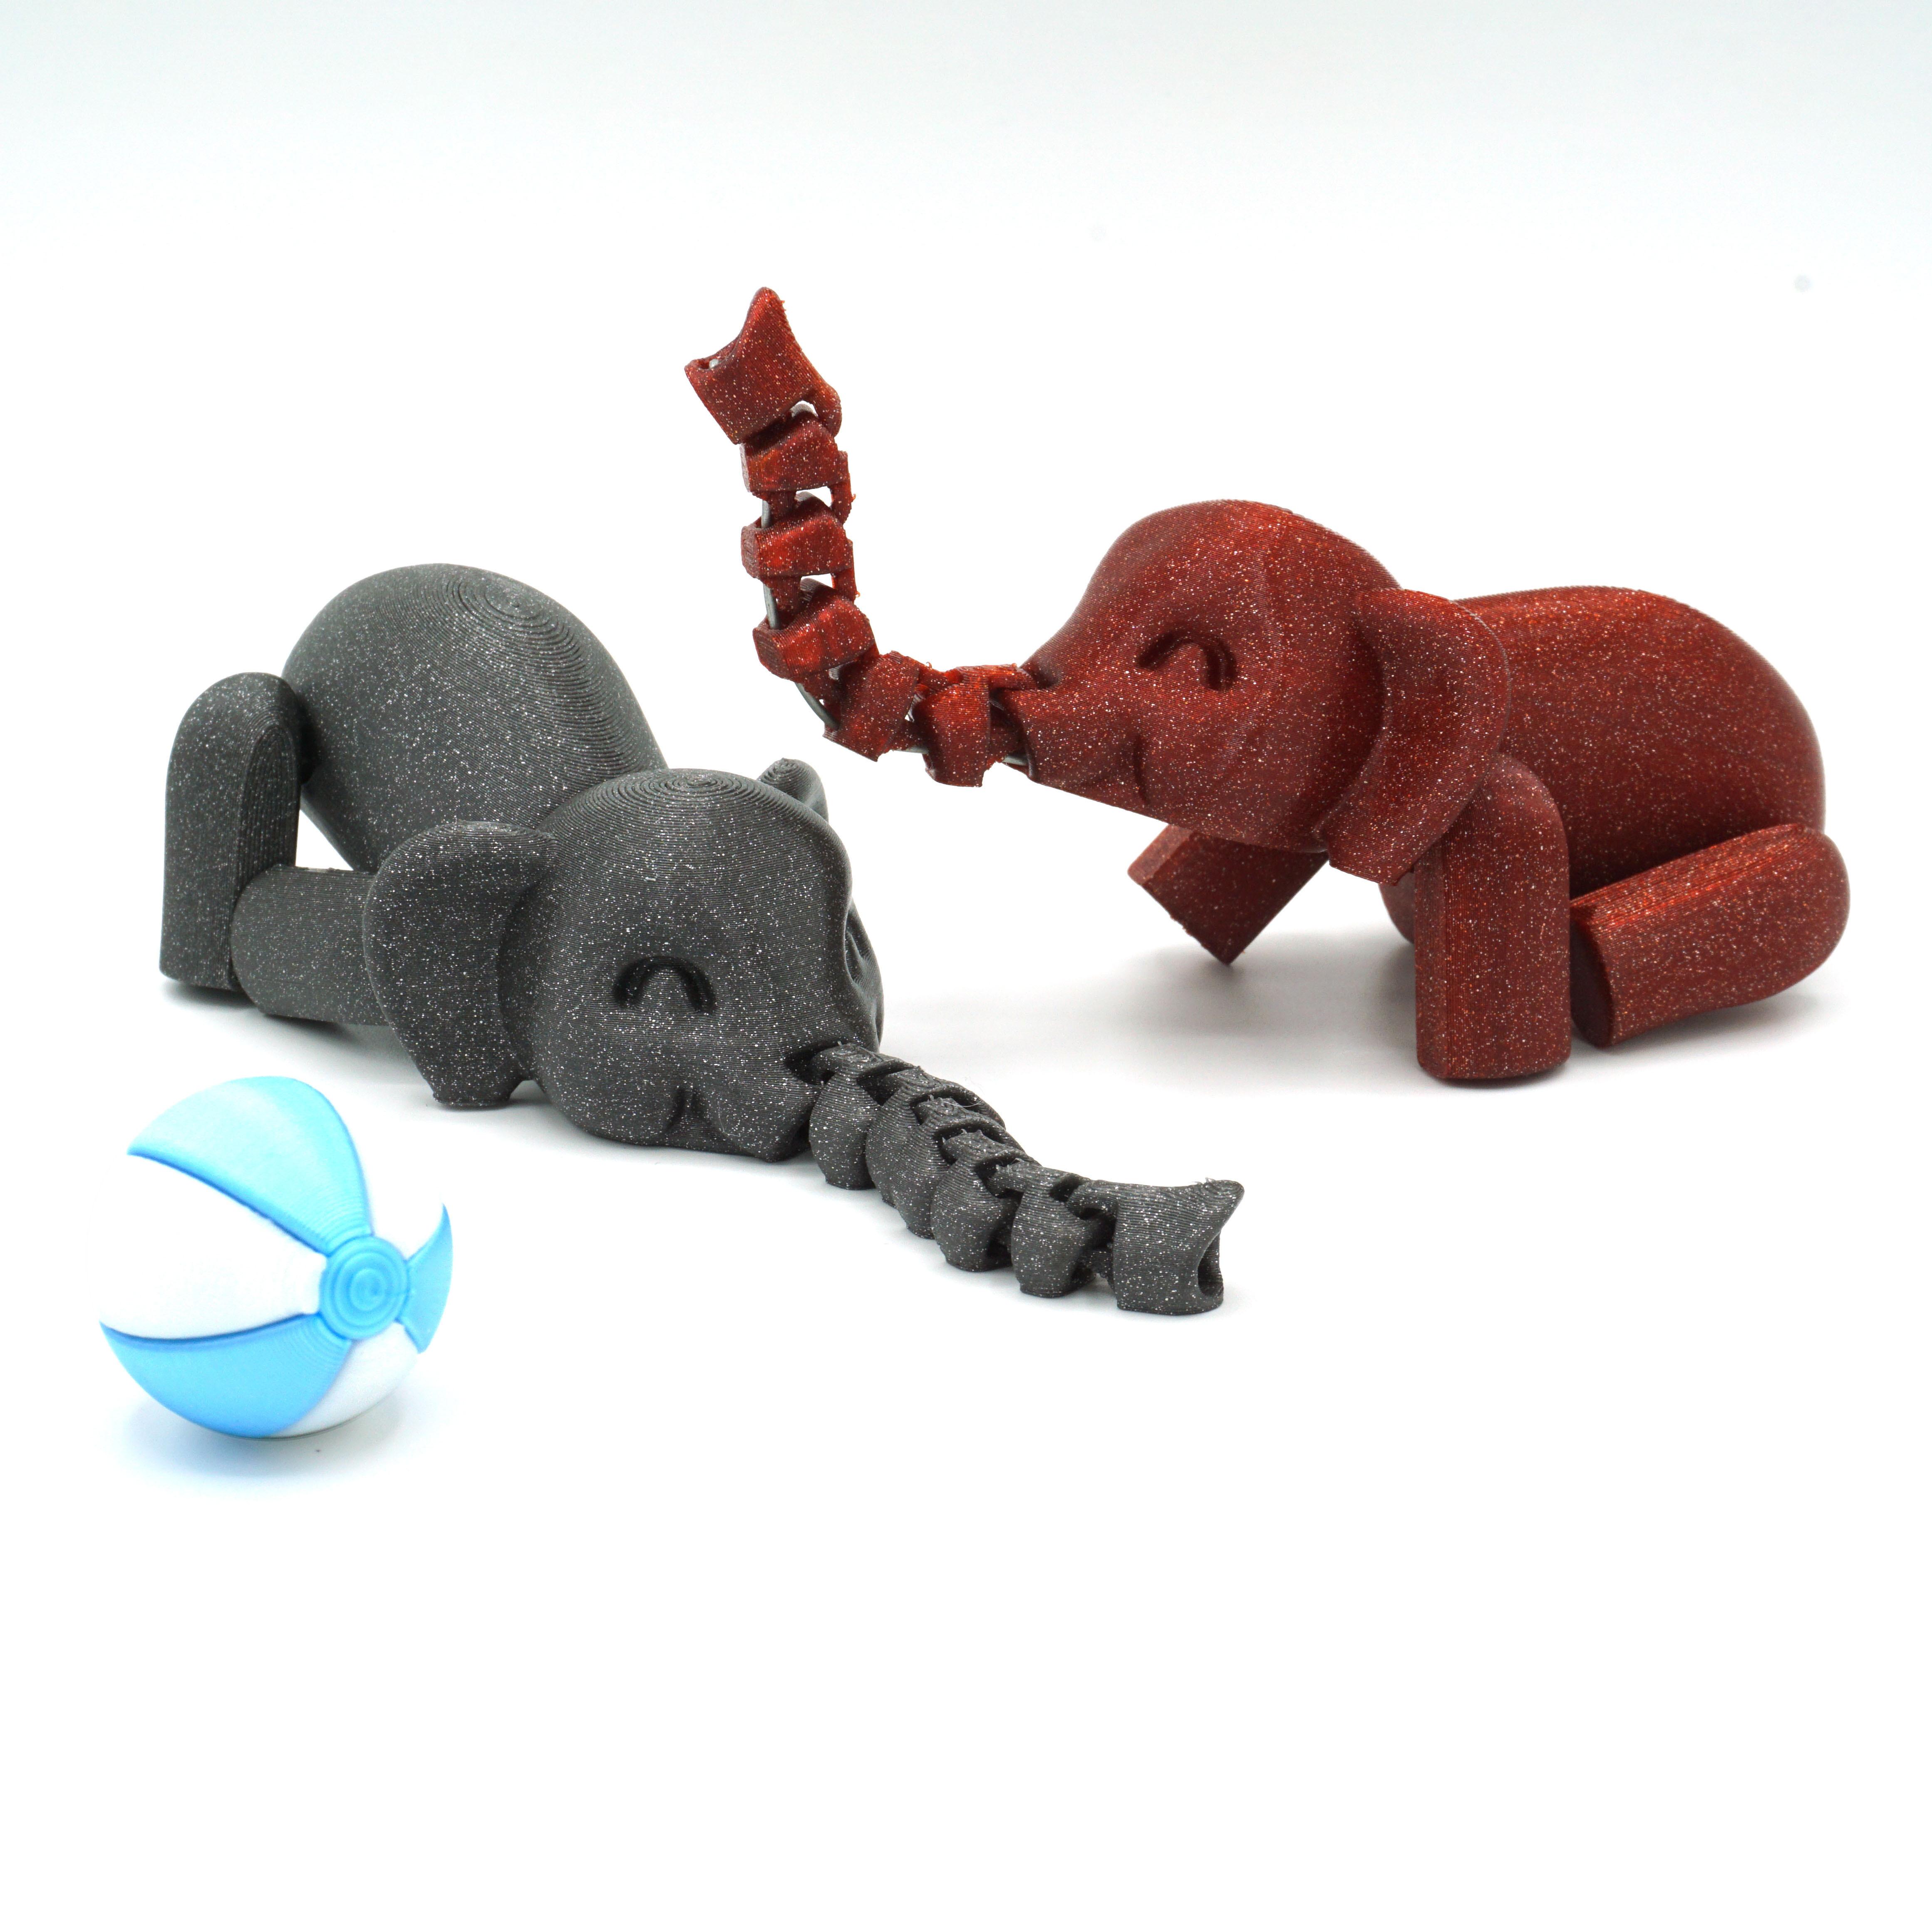 DSC01102 copia.jpg Télécharger fichier STL Flexiphant • Modèle à imprimer en 3D, mcgybeer